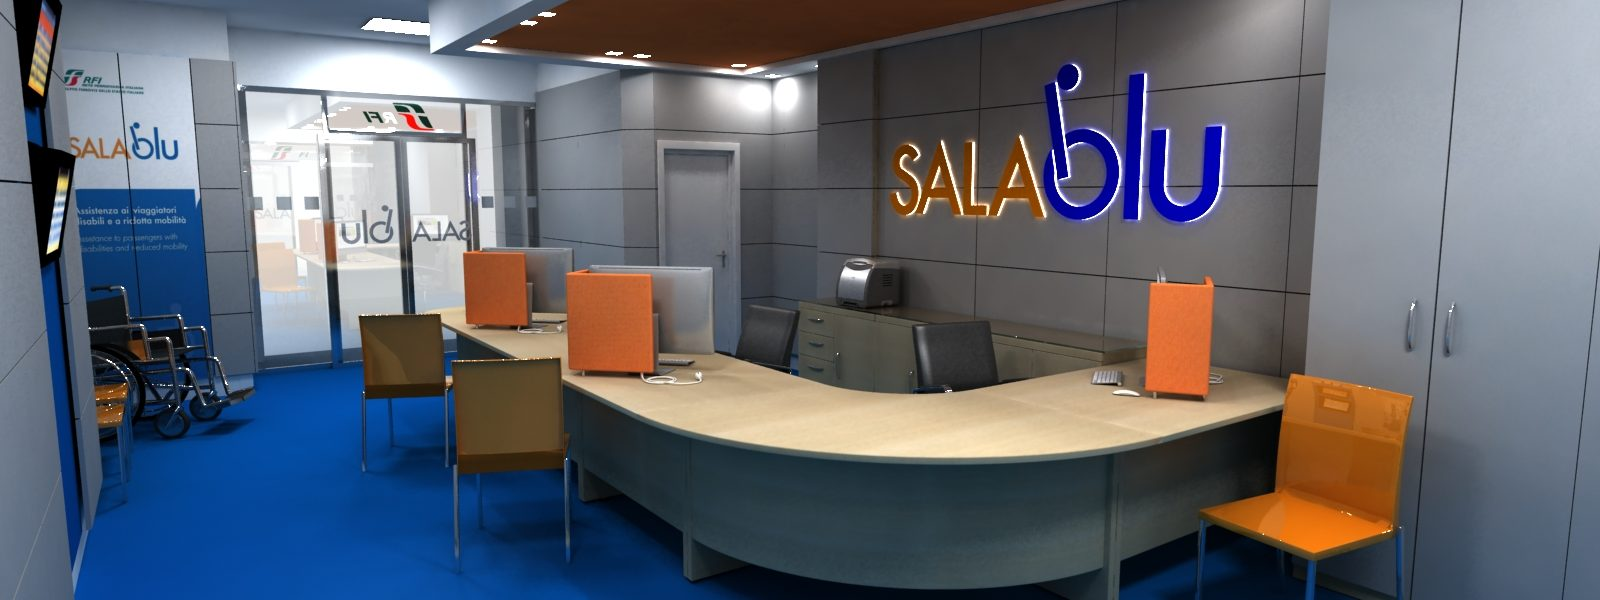 SALA BLU ON-LINE: LA NUOVA APP PER I VIAGGIATORI DISABILI